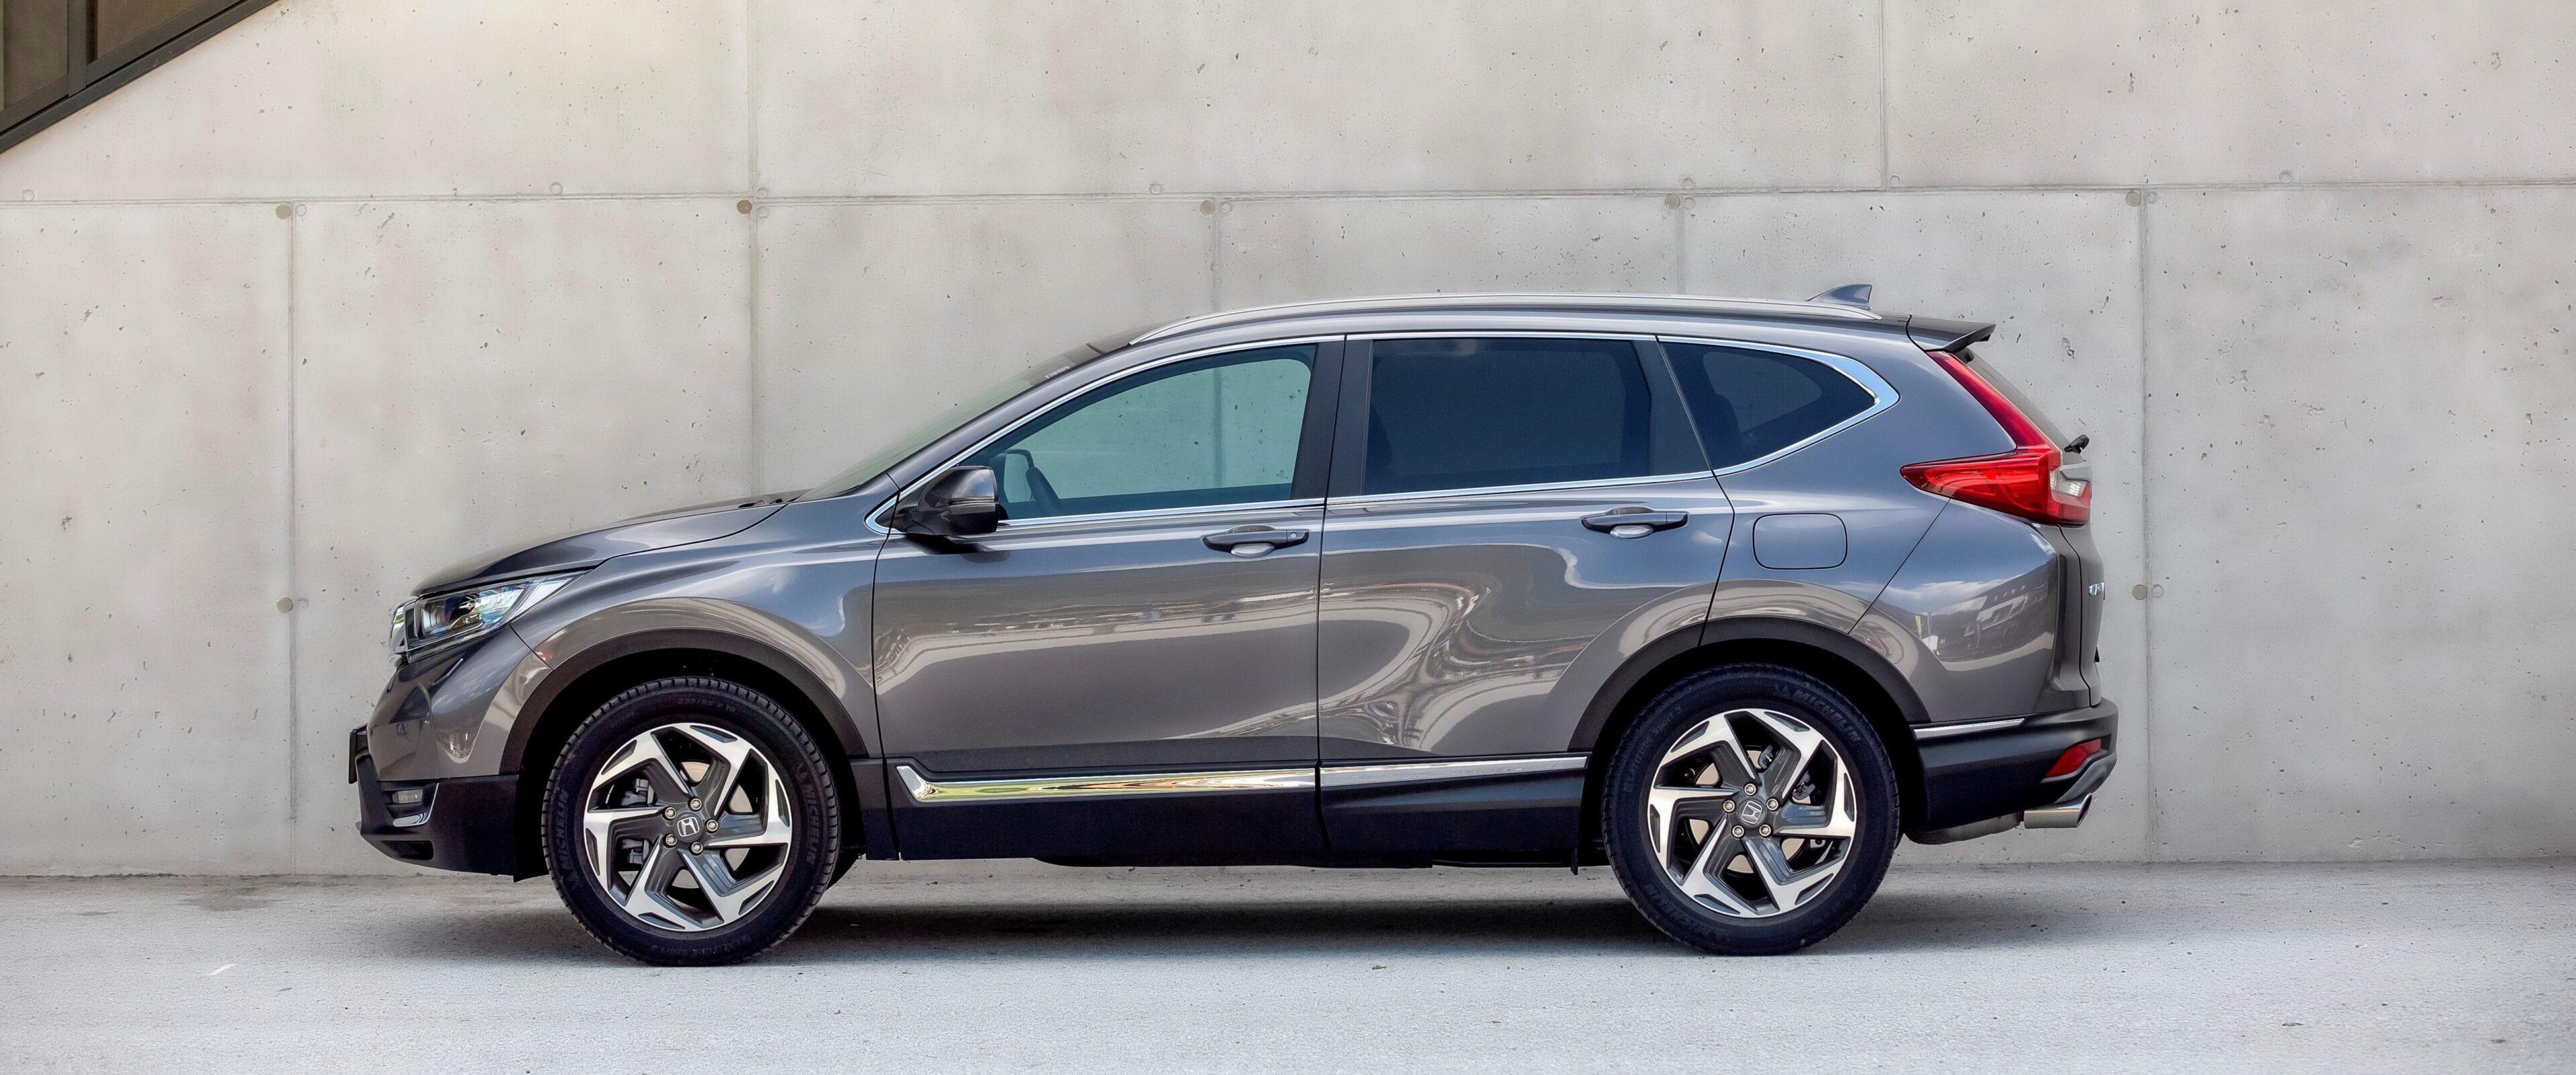 De wereldberoemde Honda CR-V